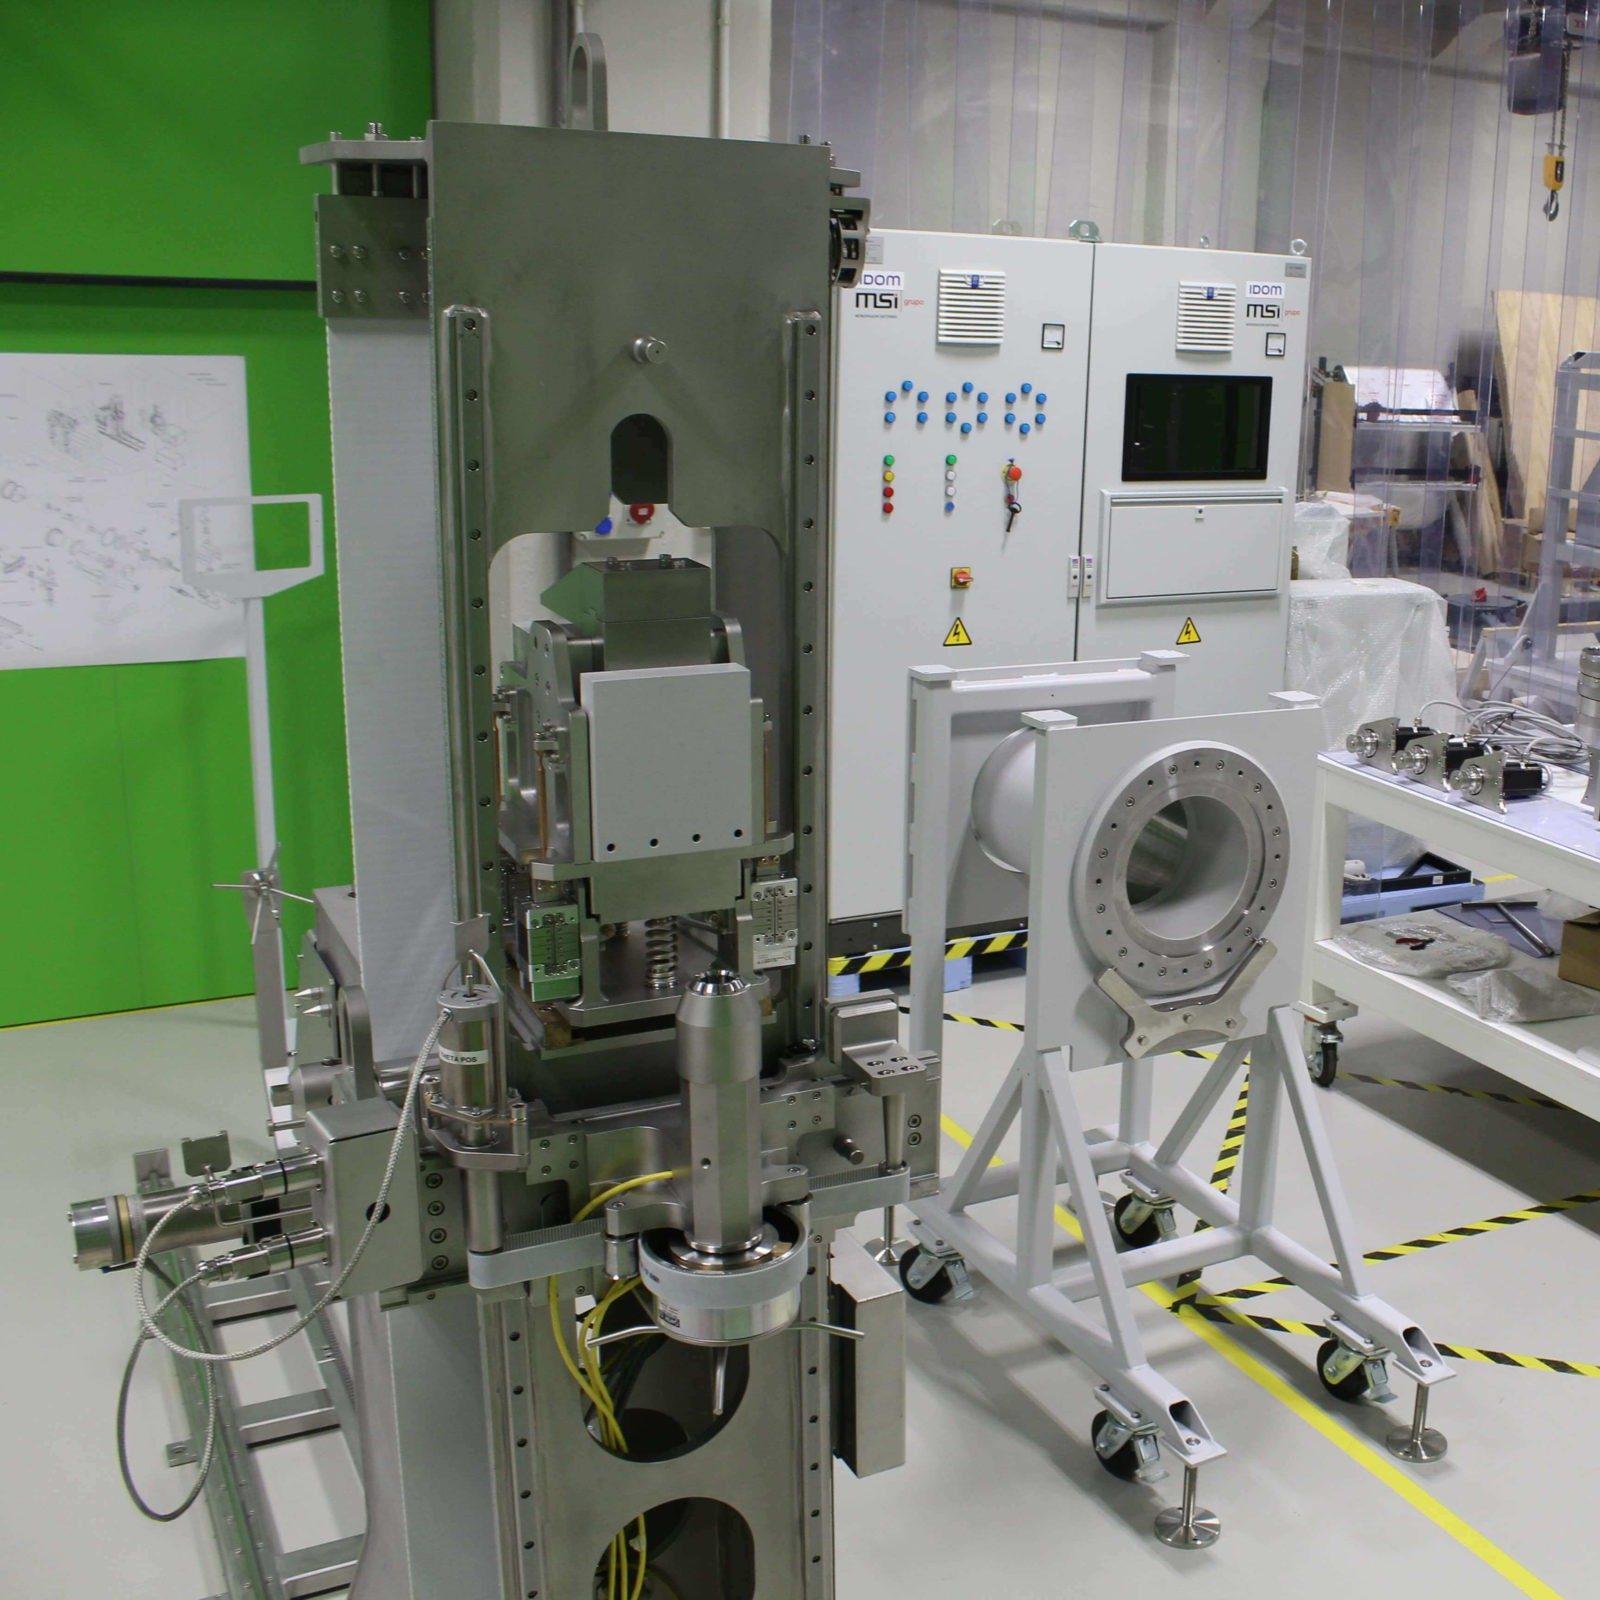 JHR_reactor_Hot_Cells_VTT-Cadarache_France_IDOM_ADA (5)